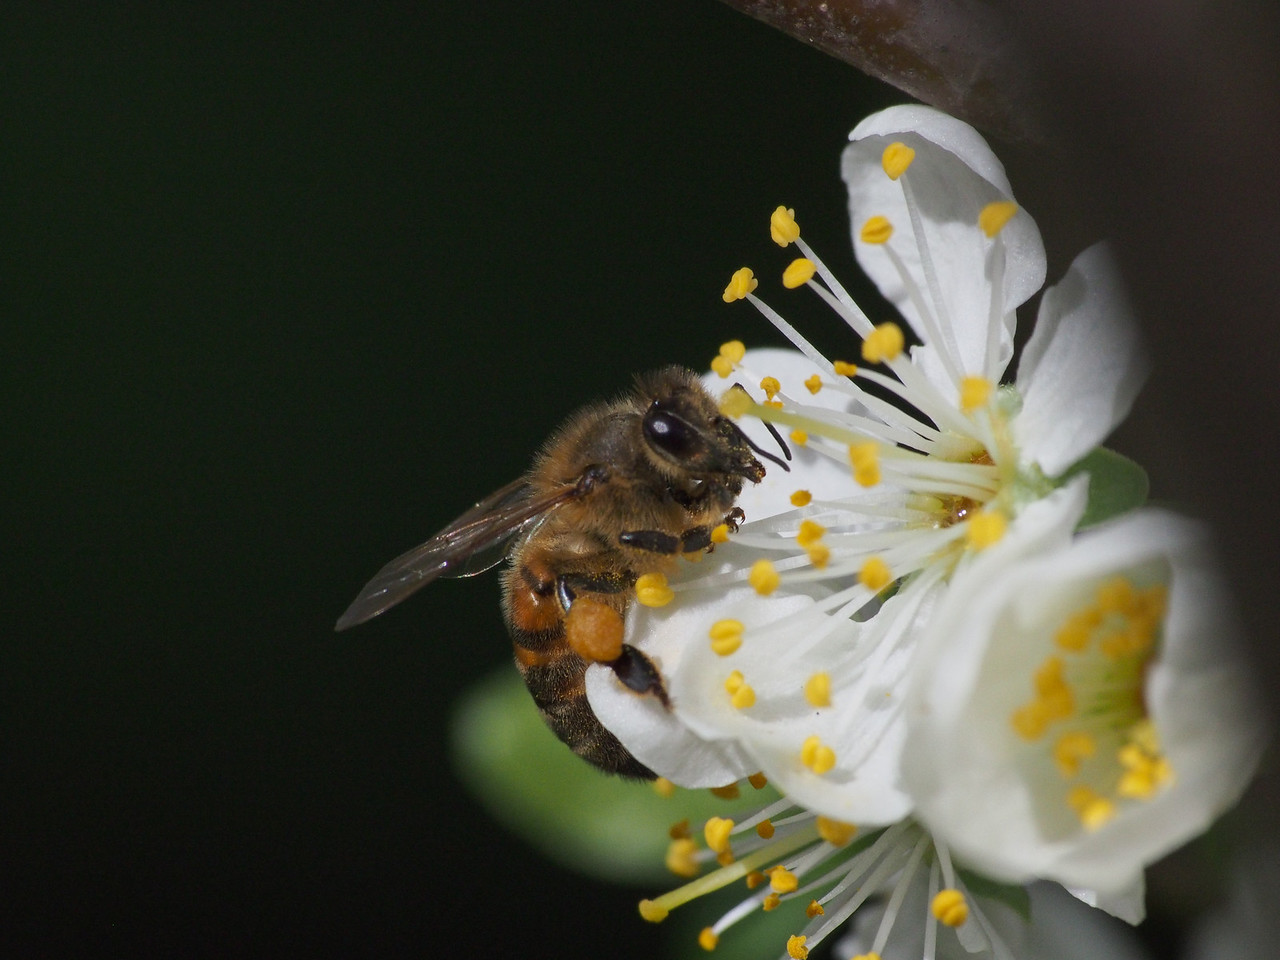 20130907_1311_1317  plum blossom bee